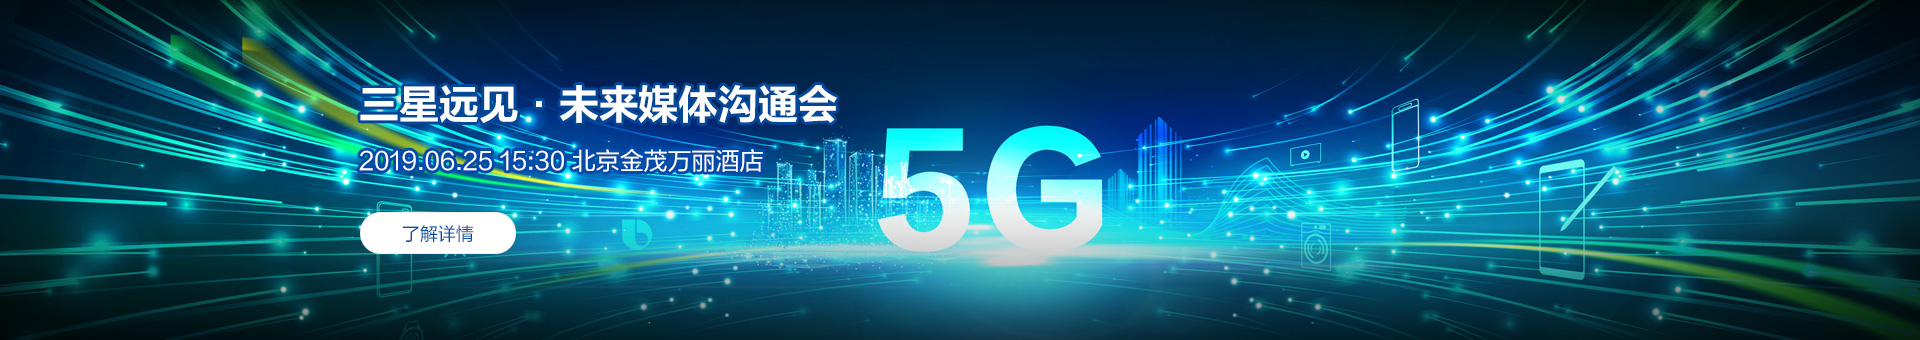 三星5G媒体沟通会 社区同步直播 诚邀您收看!